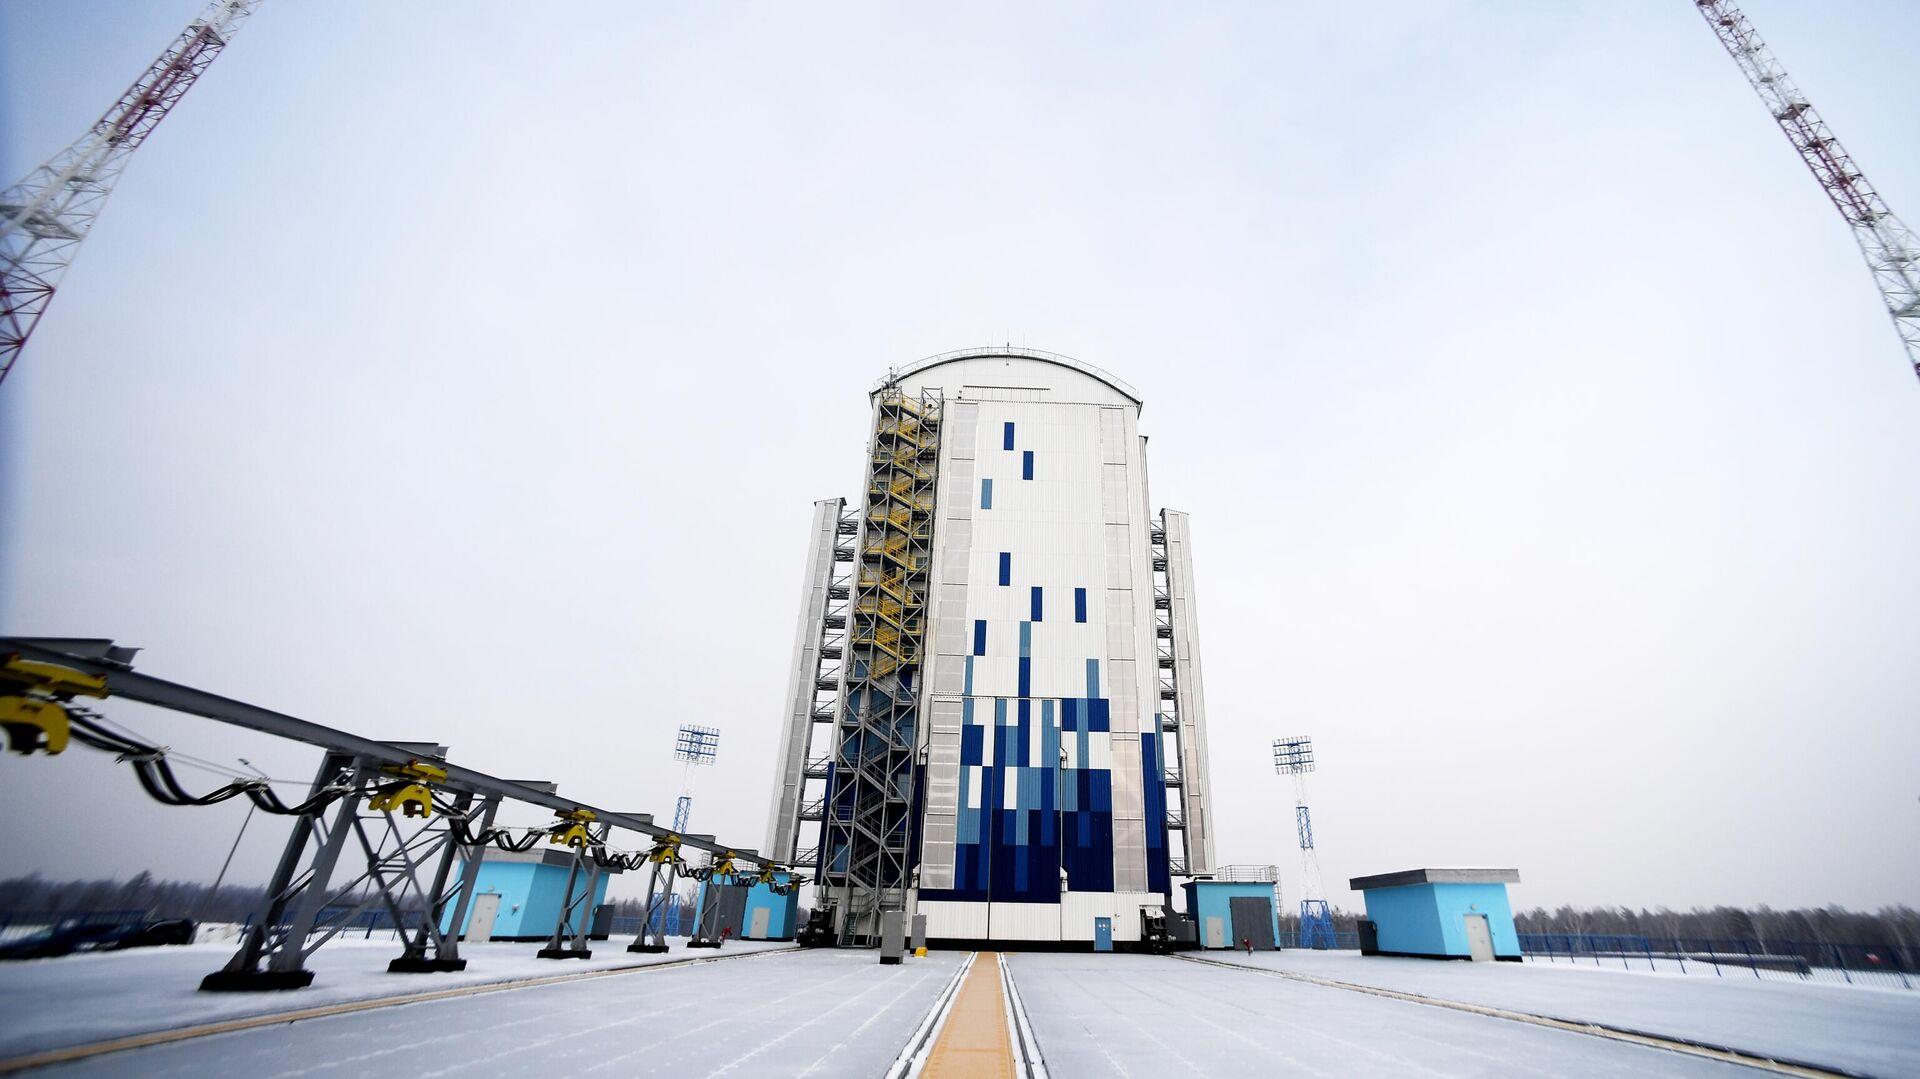 Мобильная башня обслуживания стартового комплекса РН Союз-2 на космодроме Восточный в Амурской области - РИА Новости, 1920, 18.03.2021